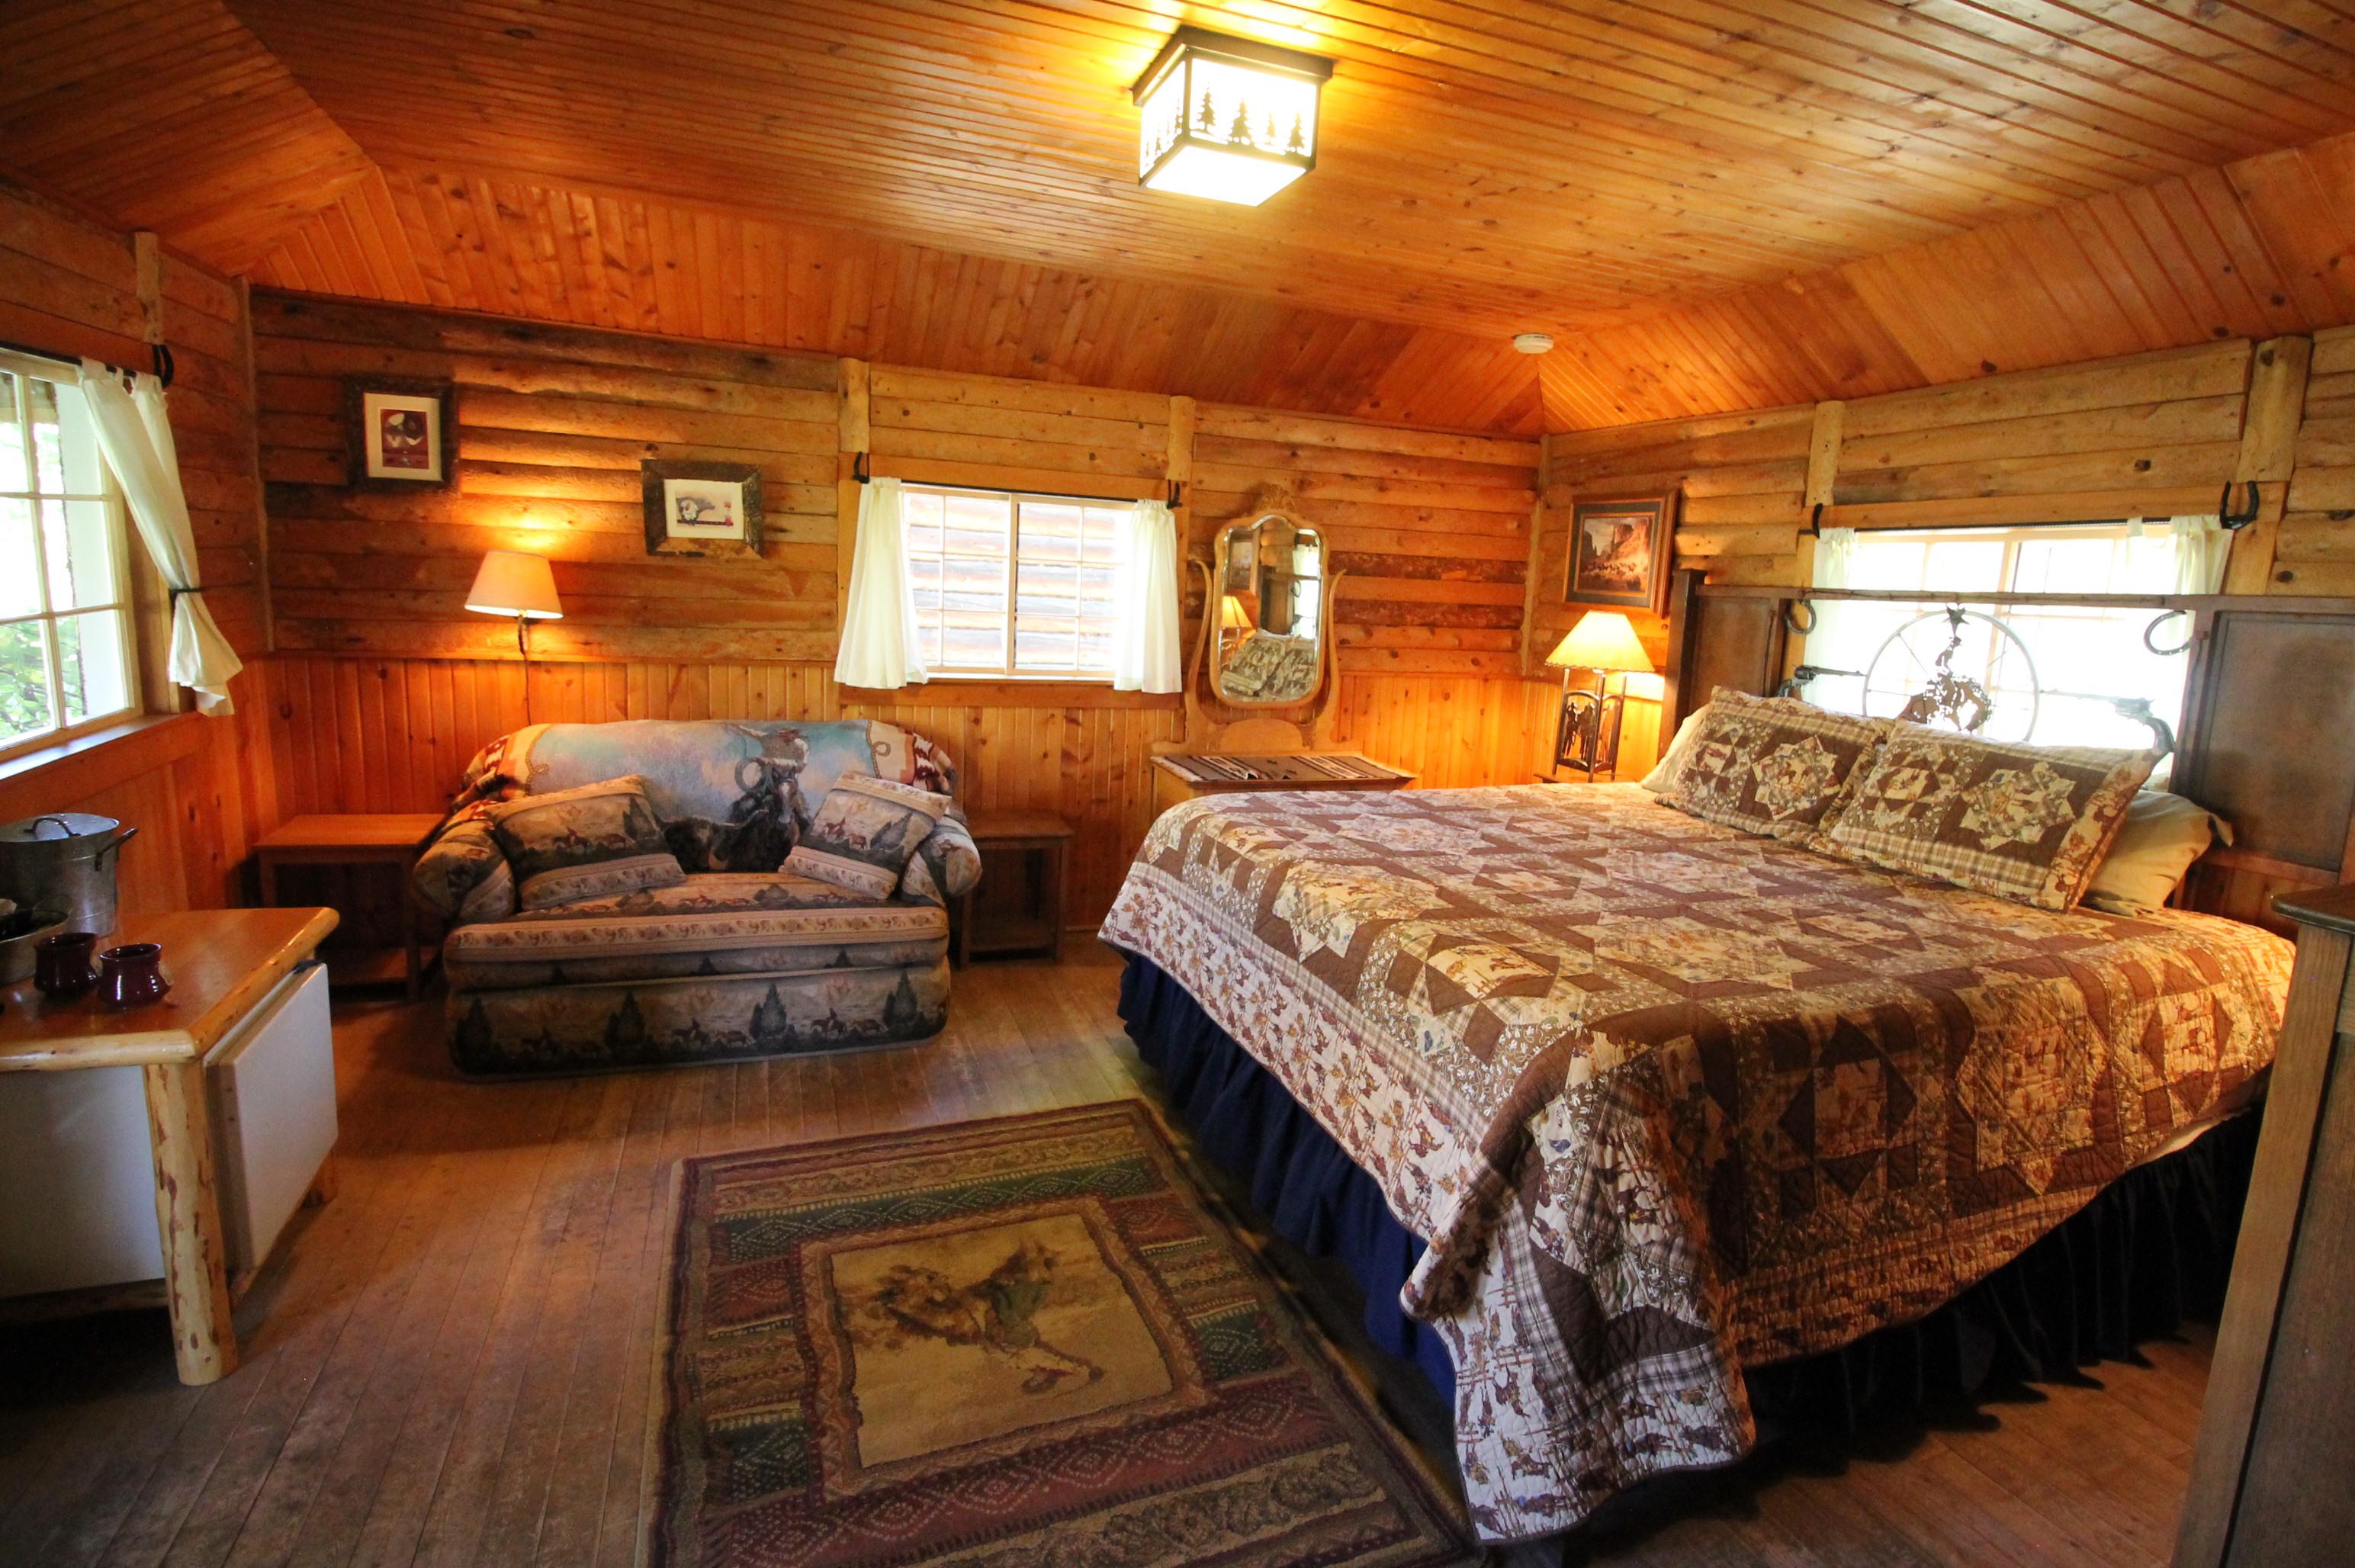 cozy-rustic-cabins.jpg